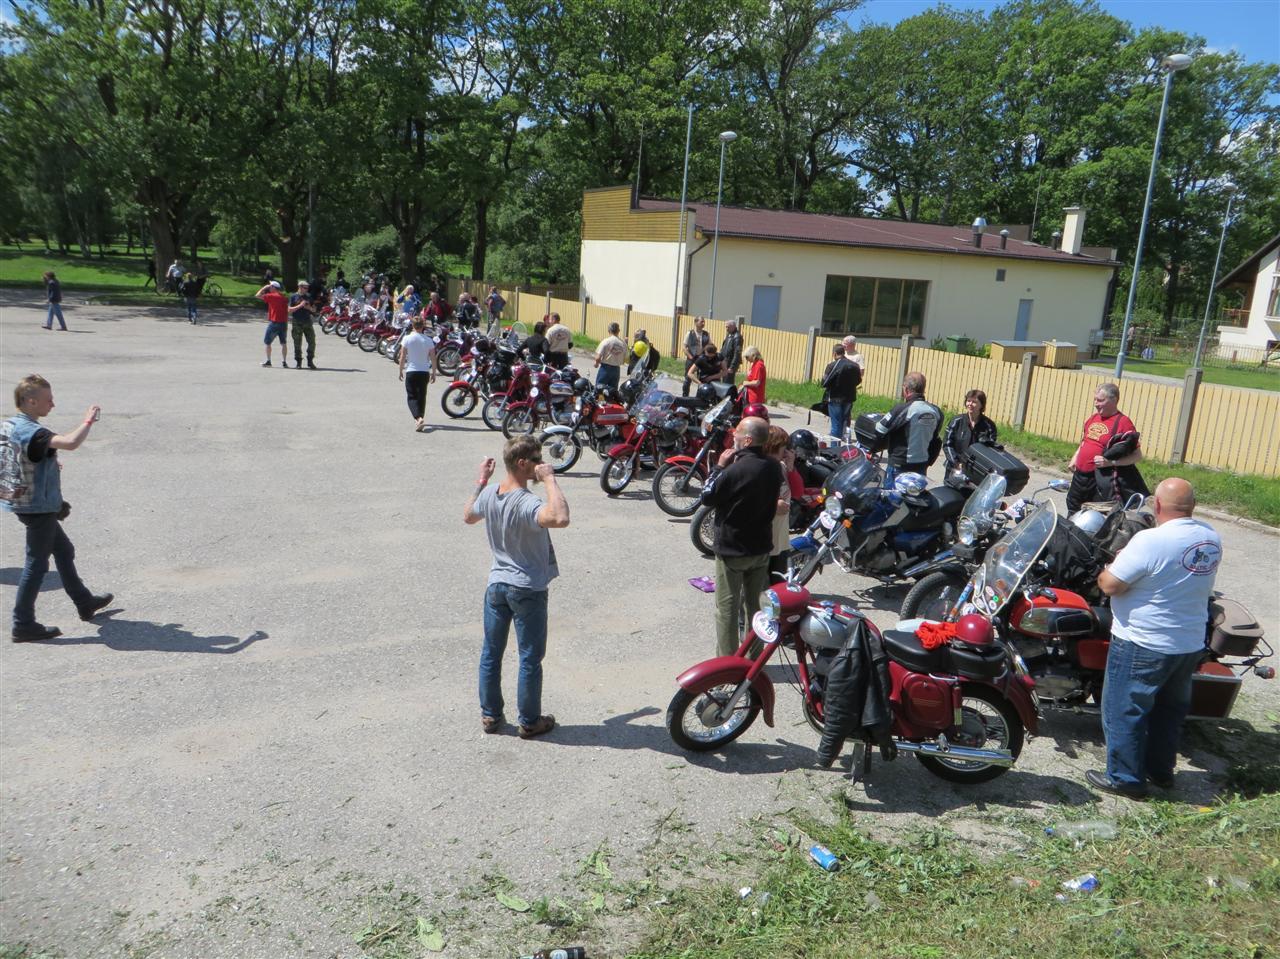 www.bildites.lv/images/ge3hax7tq1oflpodzi8.jpg